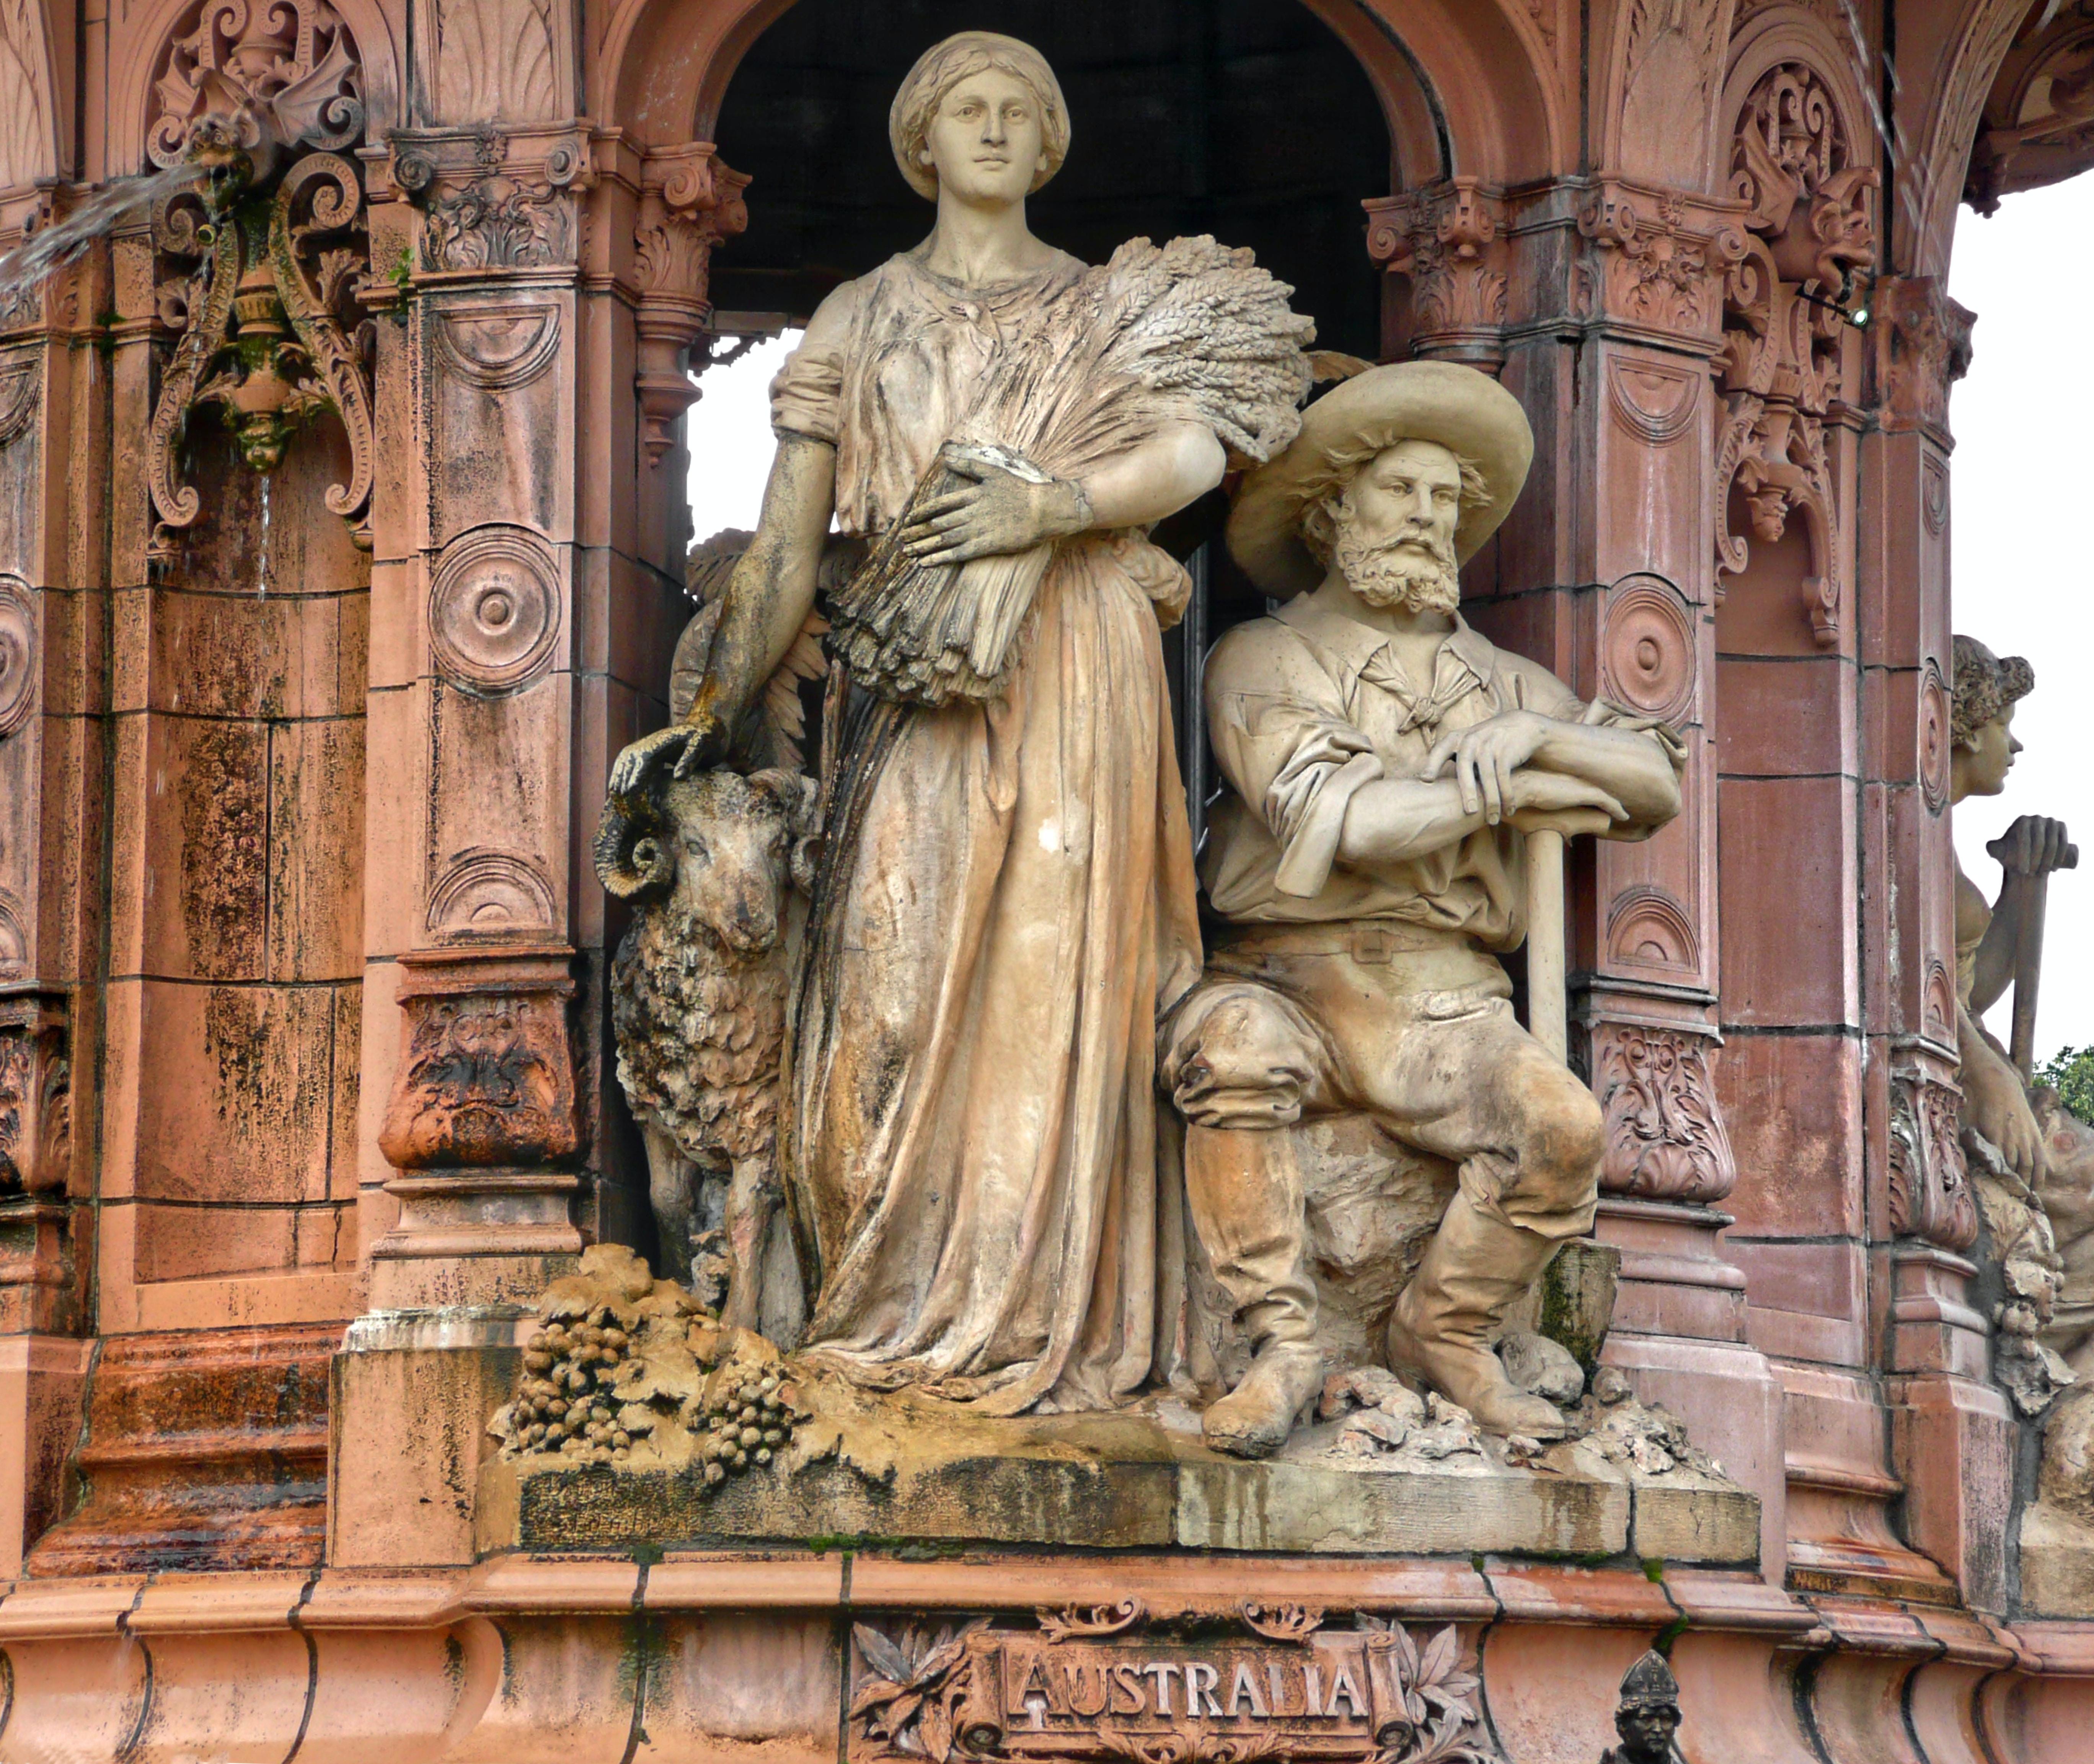 La fontaine de Doulton : allégorie en hommage à l'Australie. Elle est située à l'entrée du People's Palace est la plus grande et la mieux conservée des fontaines en terre cuite au monde. Elle a été érigée en l'honneur de la Reine Victoria pour son Jubilée d'or en 1887. Elle célèbre l'Empire britannique. Elle a été placée dans le